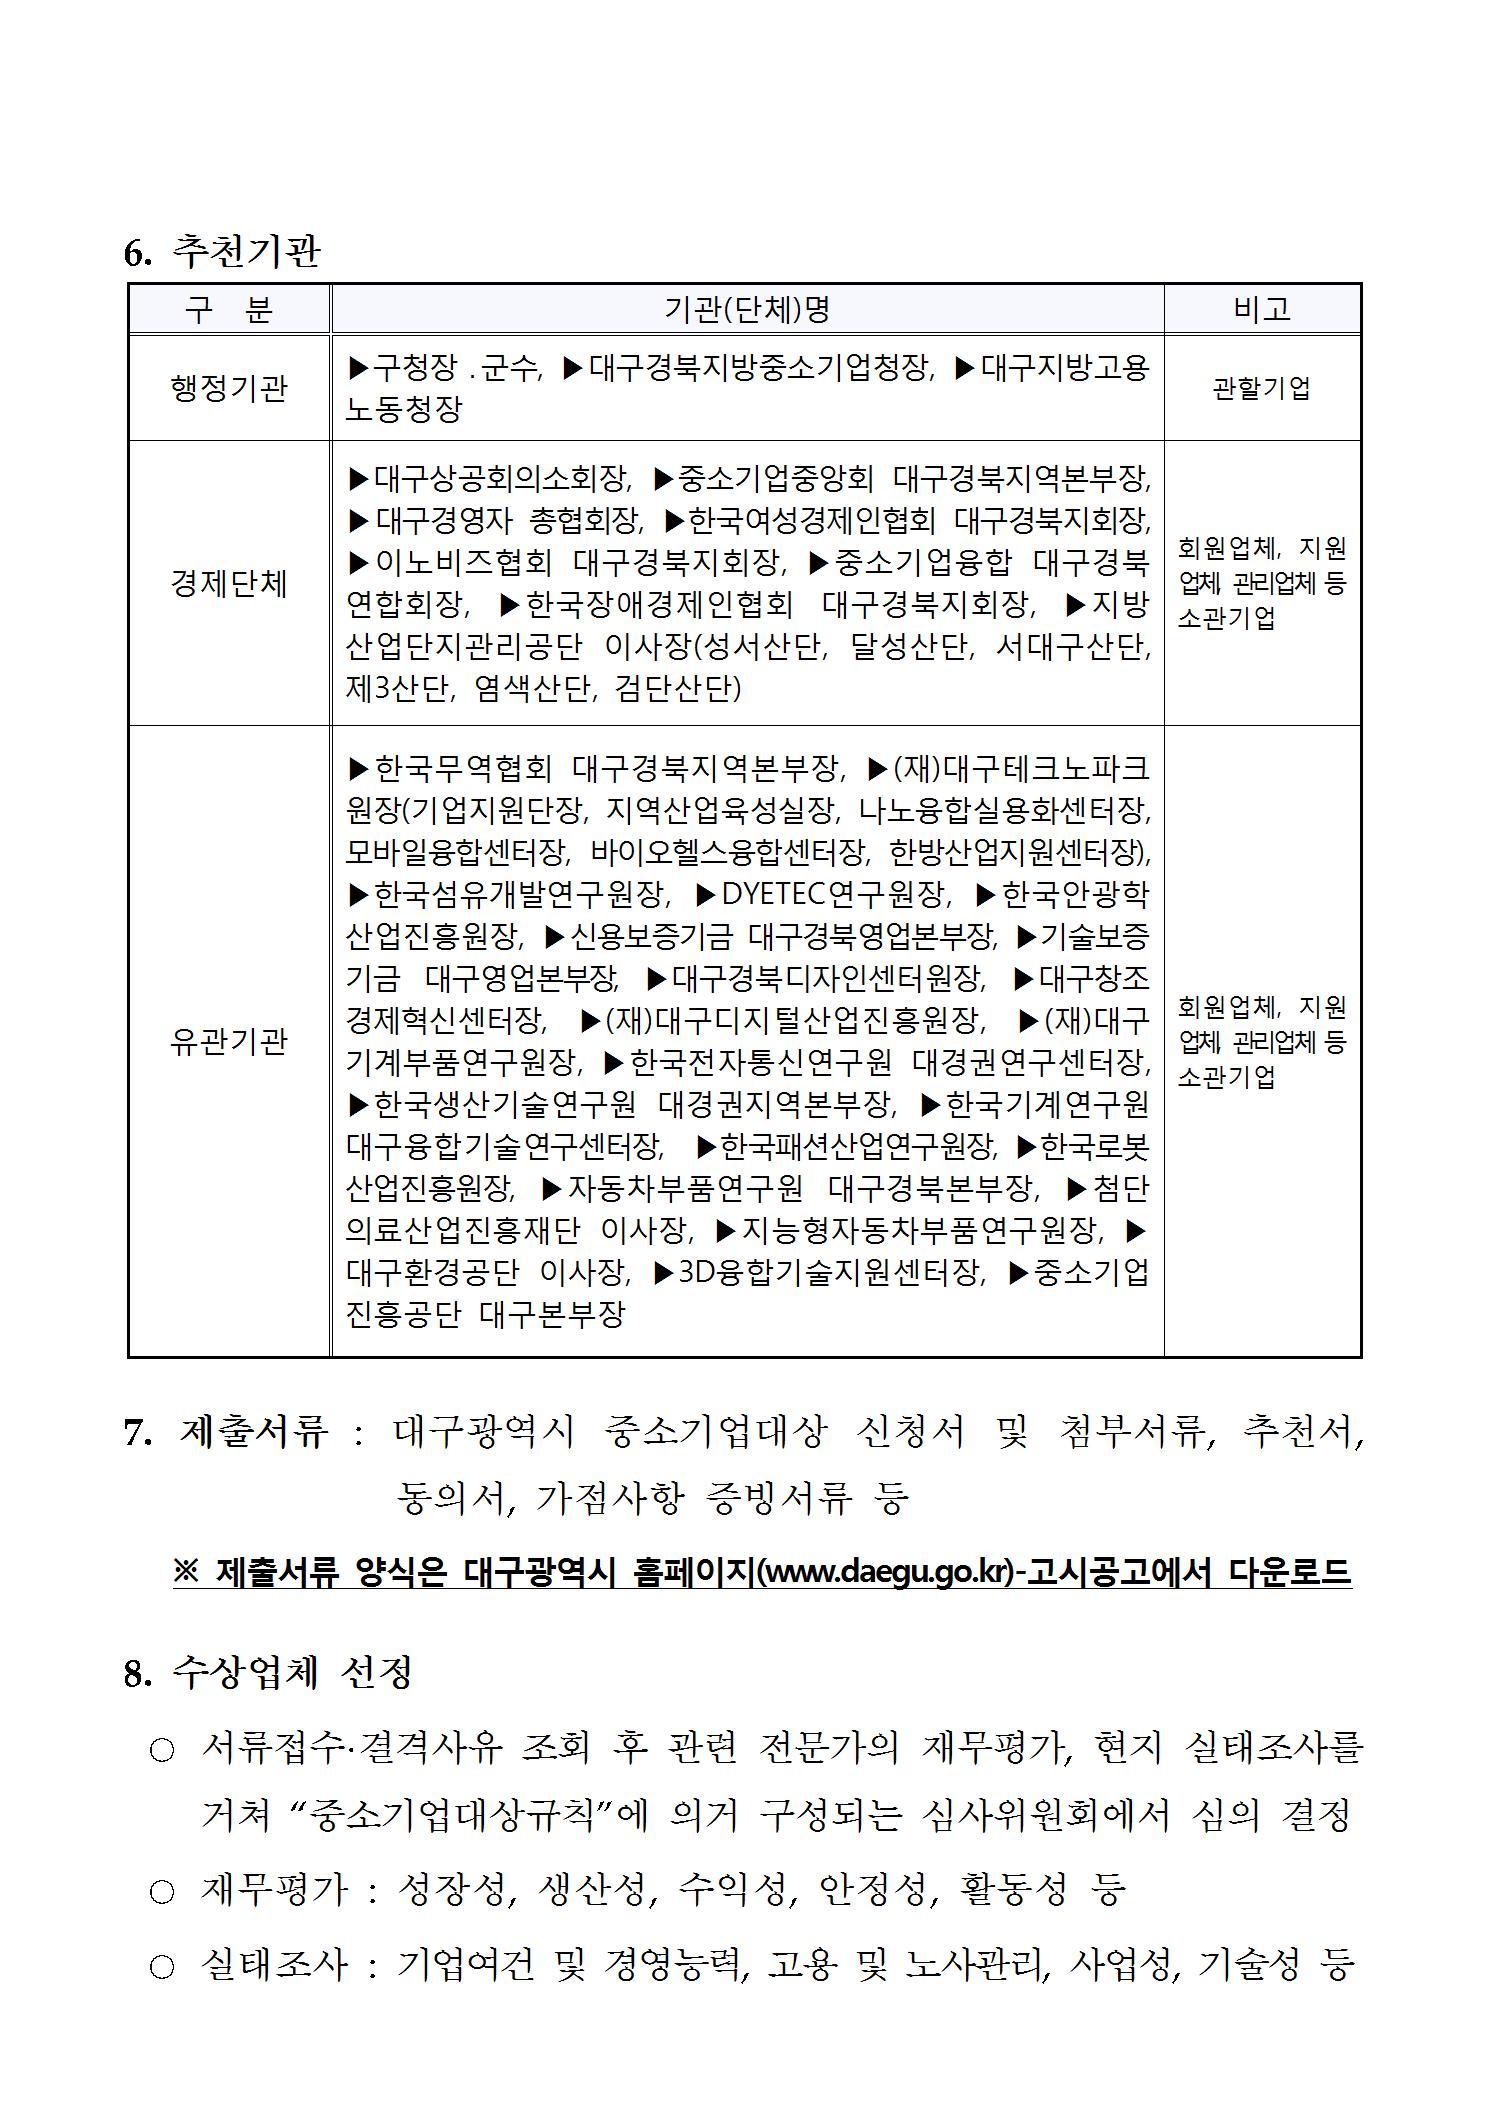 (공고문)_2017년 대구광역시 중소기업대상 공모004.jpg